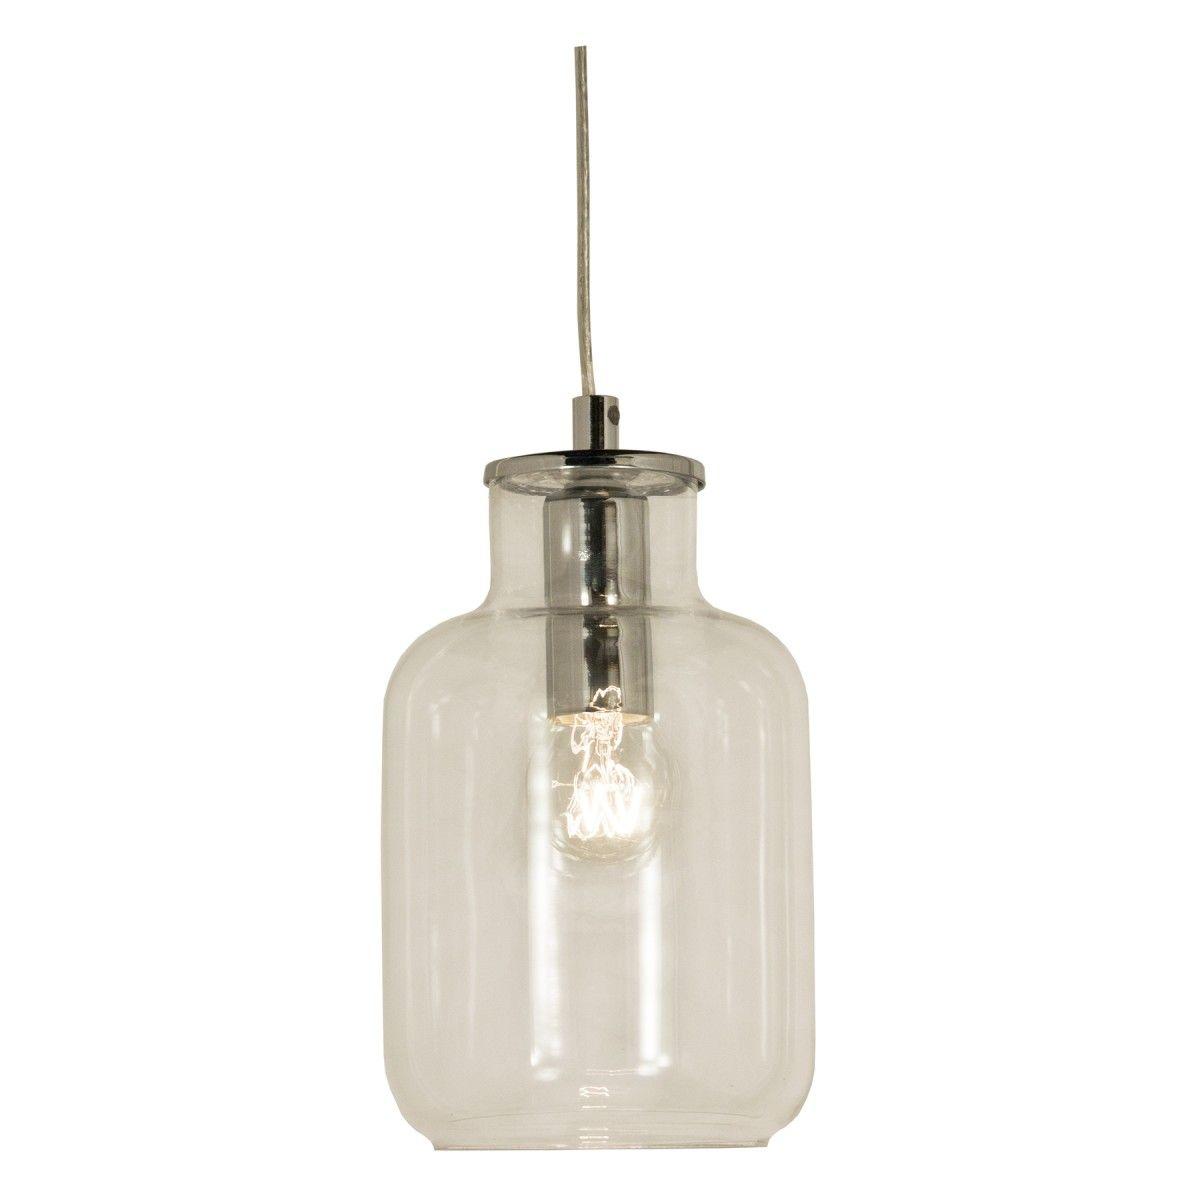 Kompaktin kokoinen, kirkas, lasinen kattovalaisin elegantein kromatuin metalliosin. Hyvä yhdistettäväksi vaikka useampi valaisin yhdessä. Asennusta helpottaa kätevä kattokoukkukiinnitys ja pistoke.